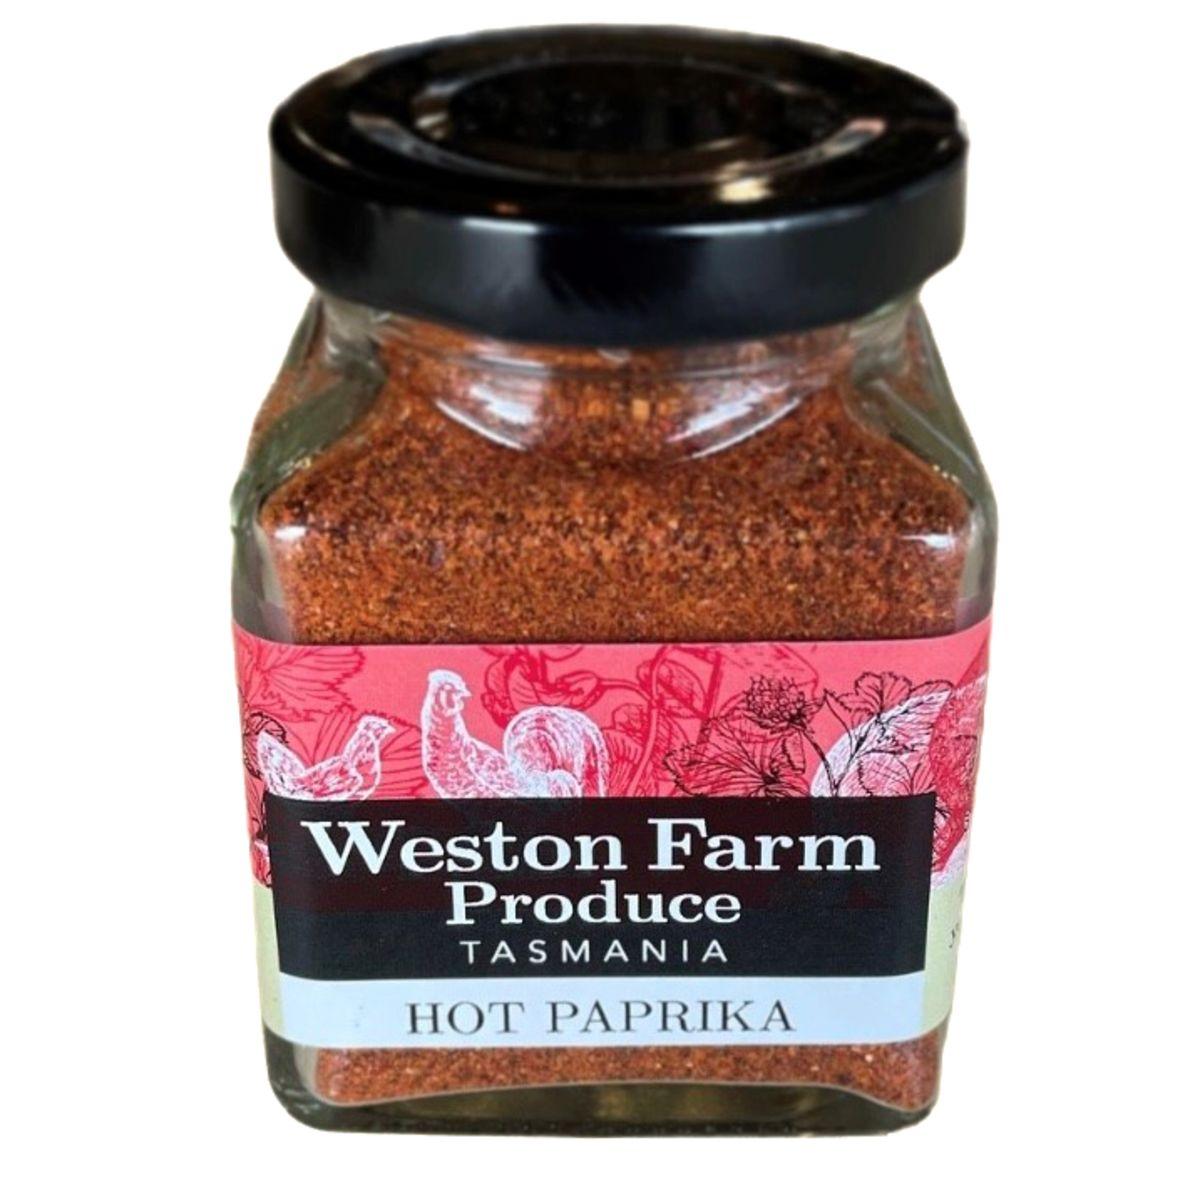 Weston Farm - Hot Paprika